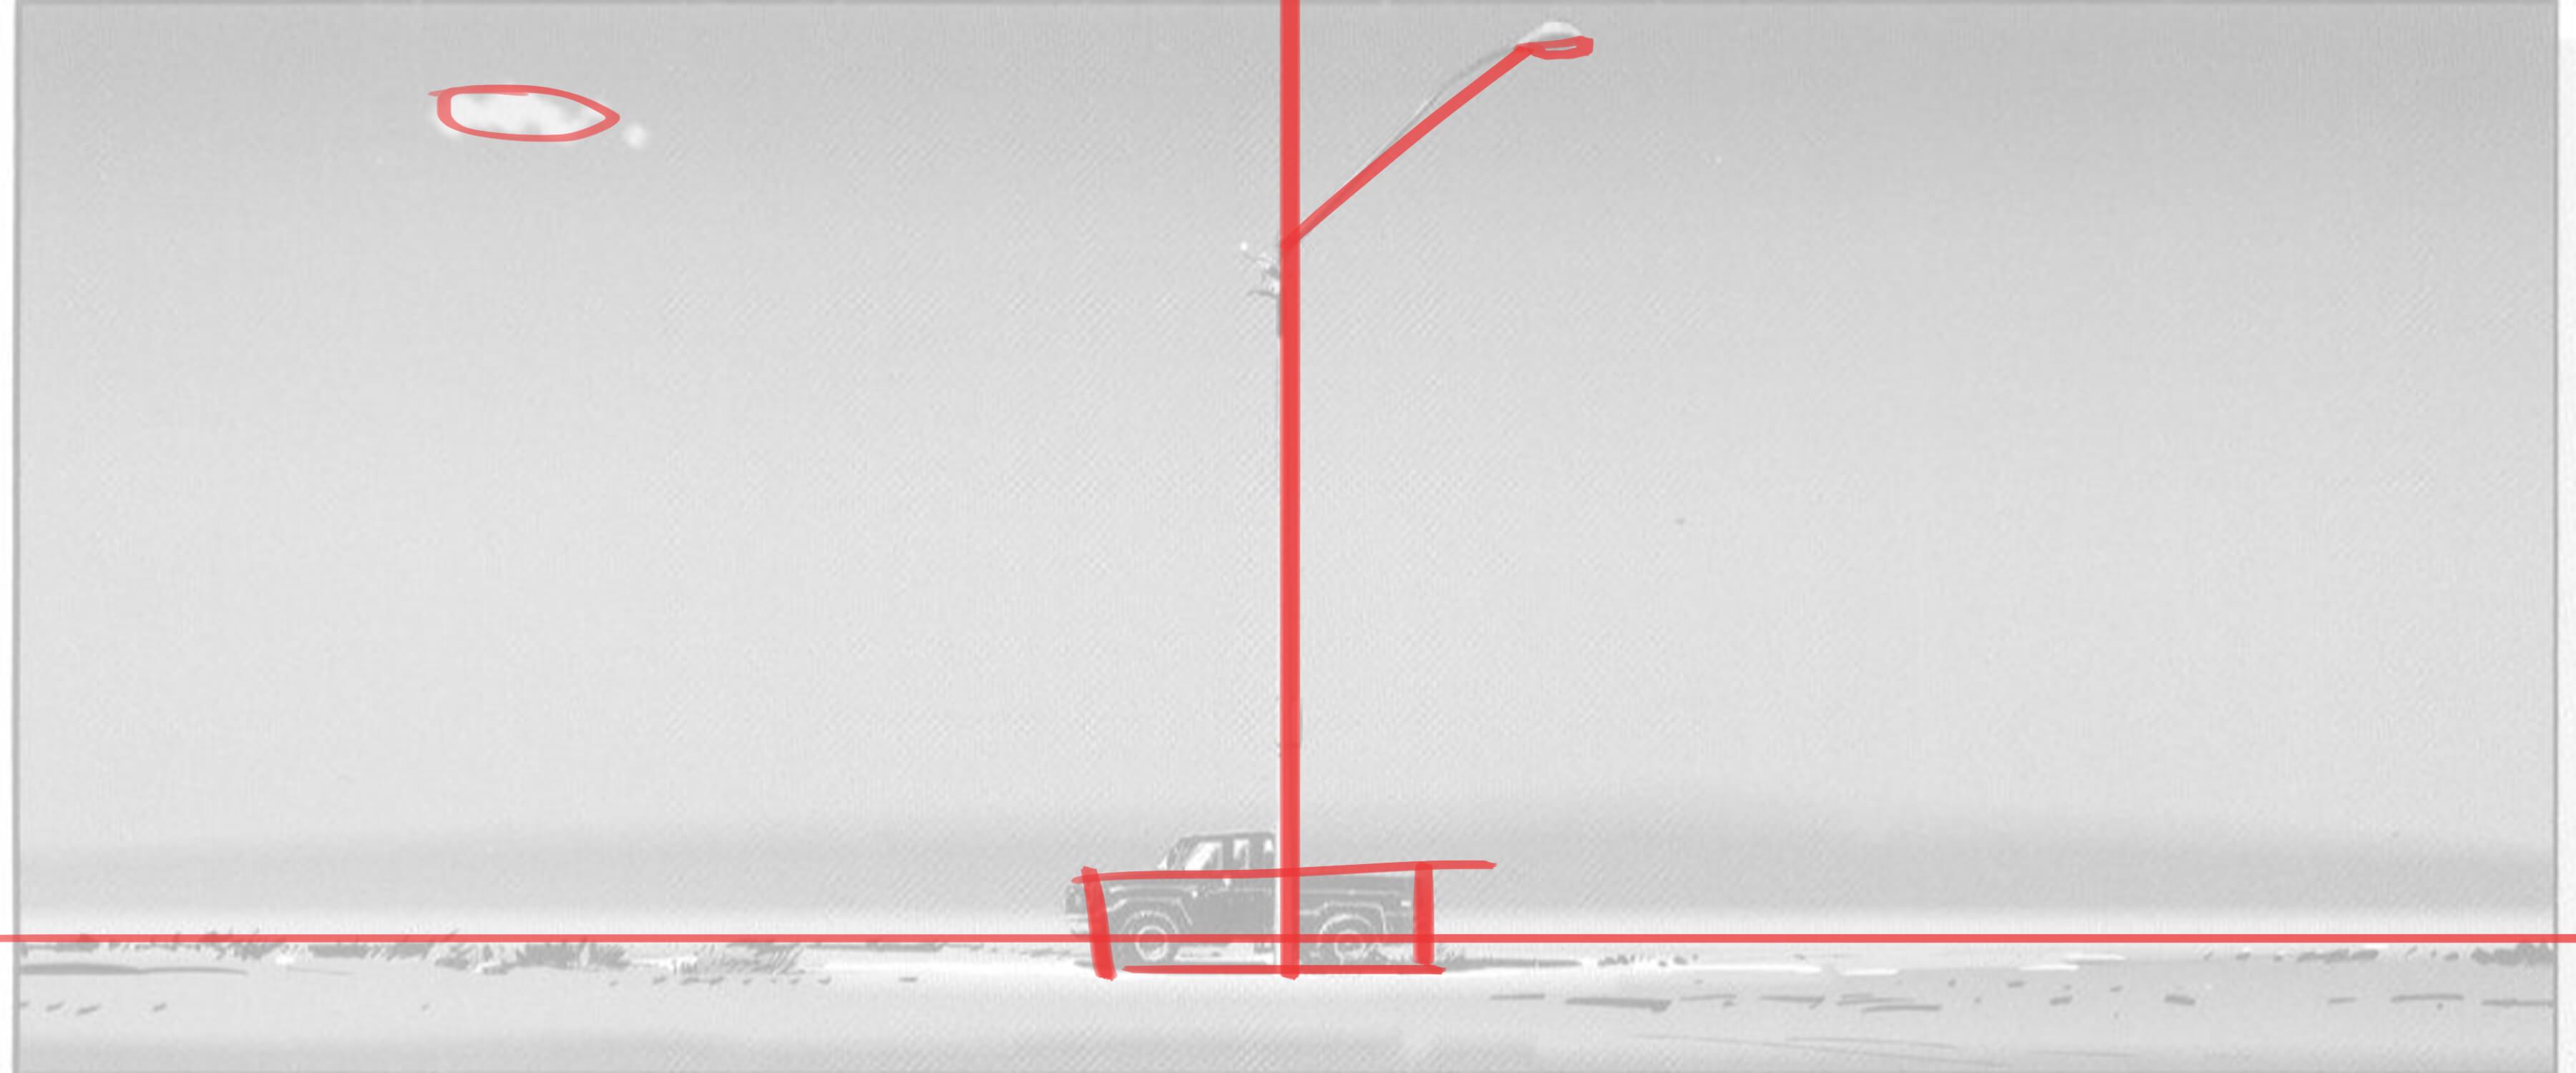 Marcus Mateu Image Study